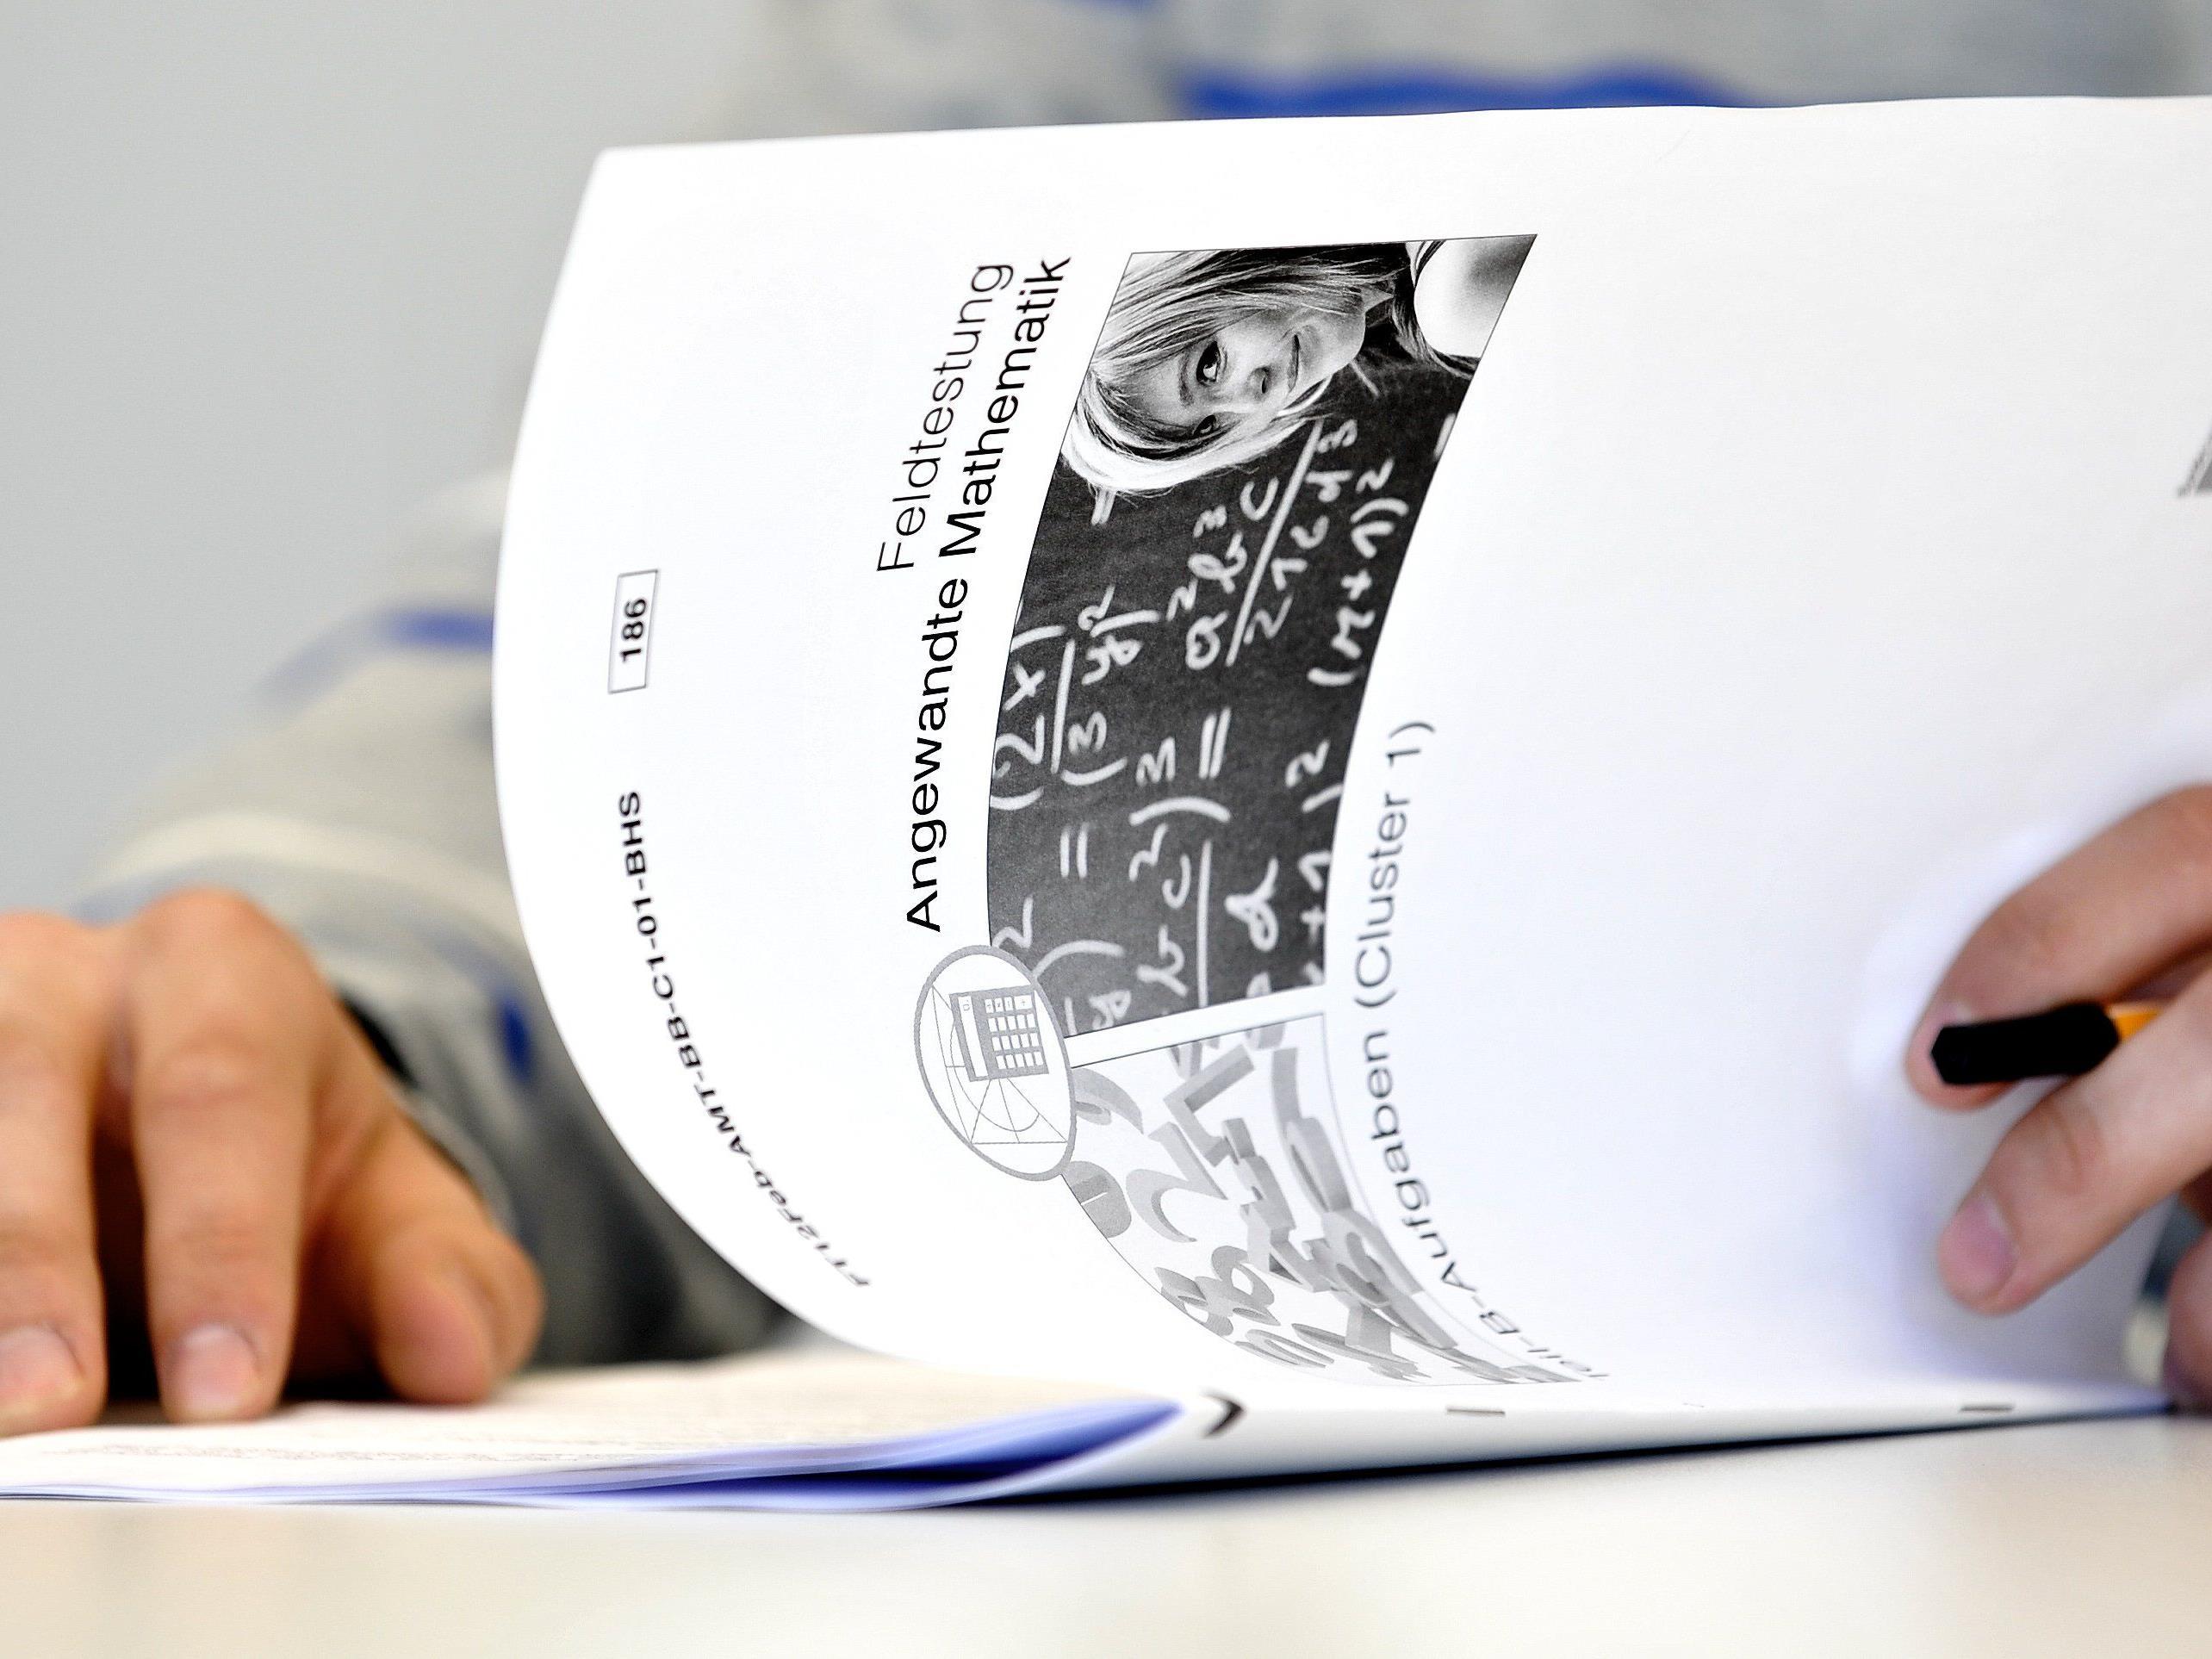 Lehrer in Wiener Neustadt manipuliert Mathe-Maturaarbeiten - weiterer Verdachtsfall in Vorarlberg.